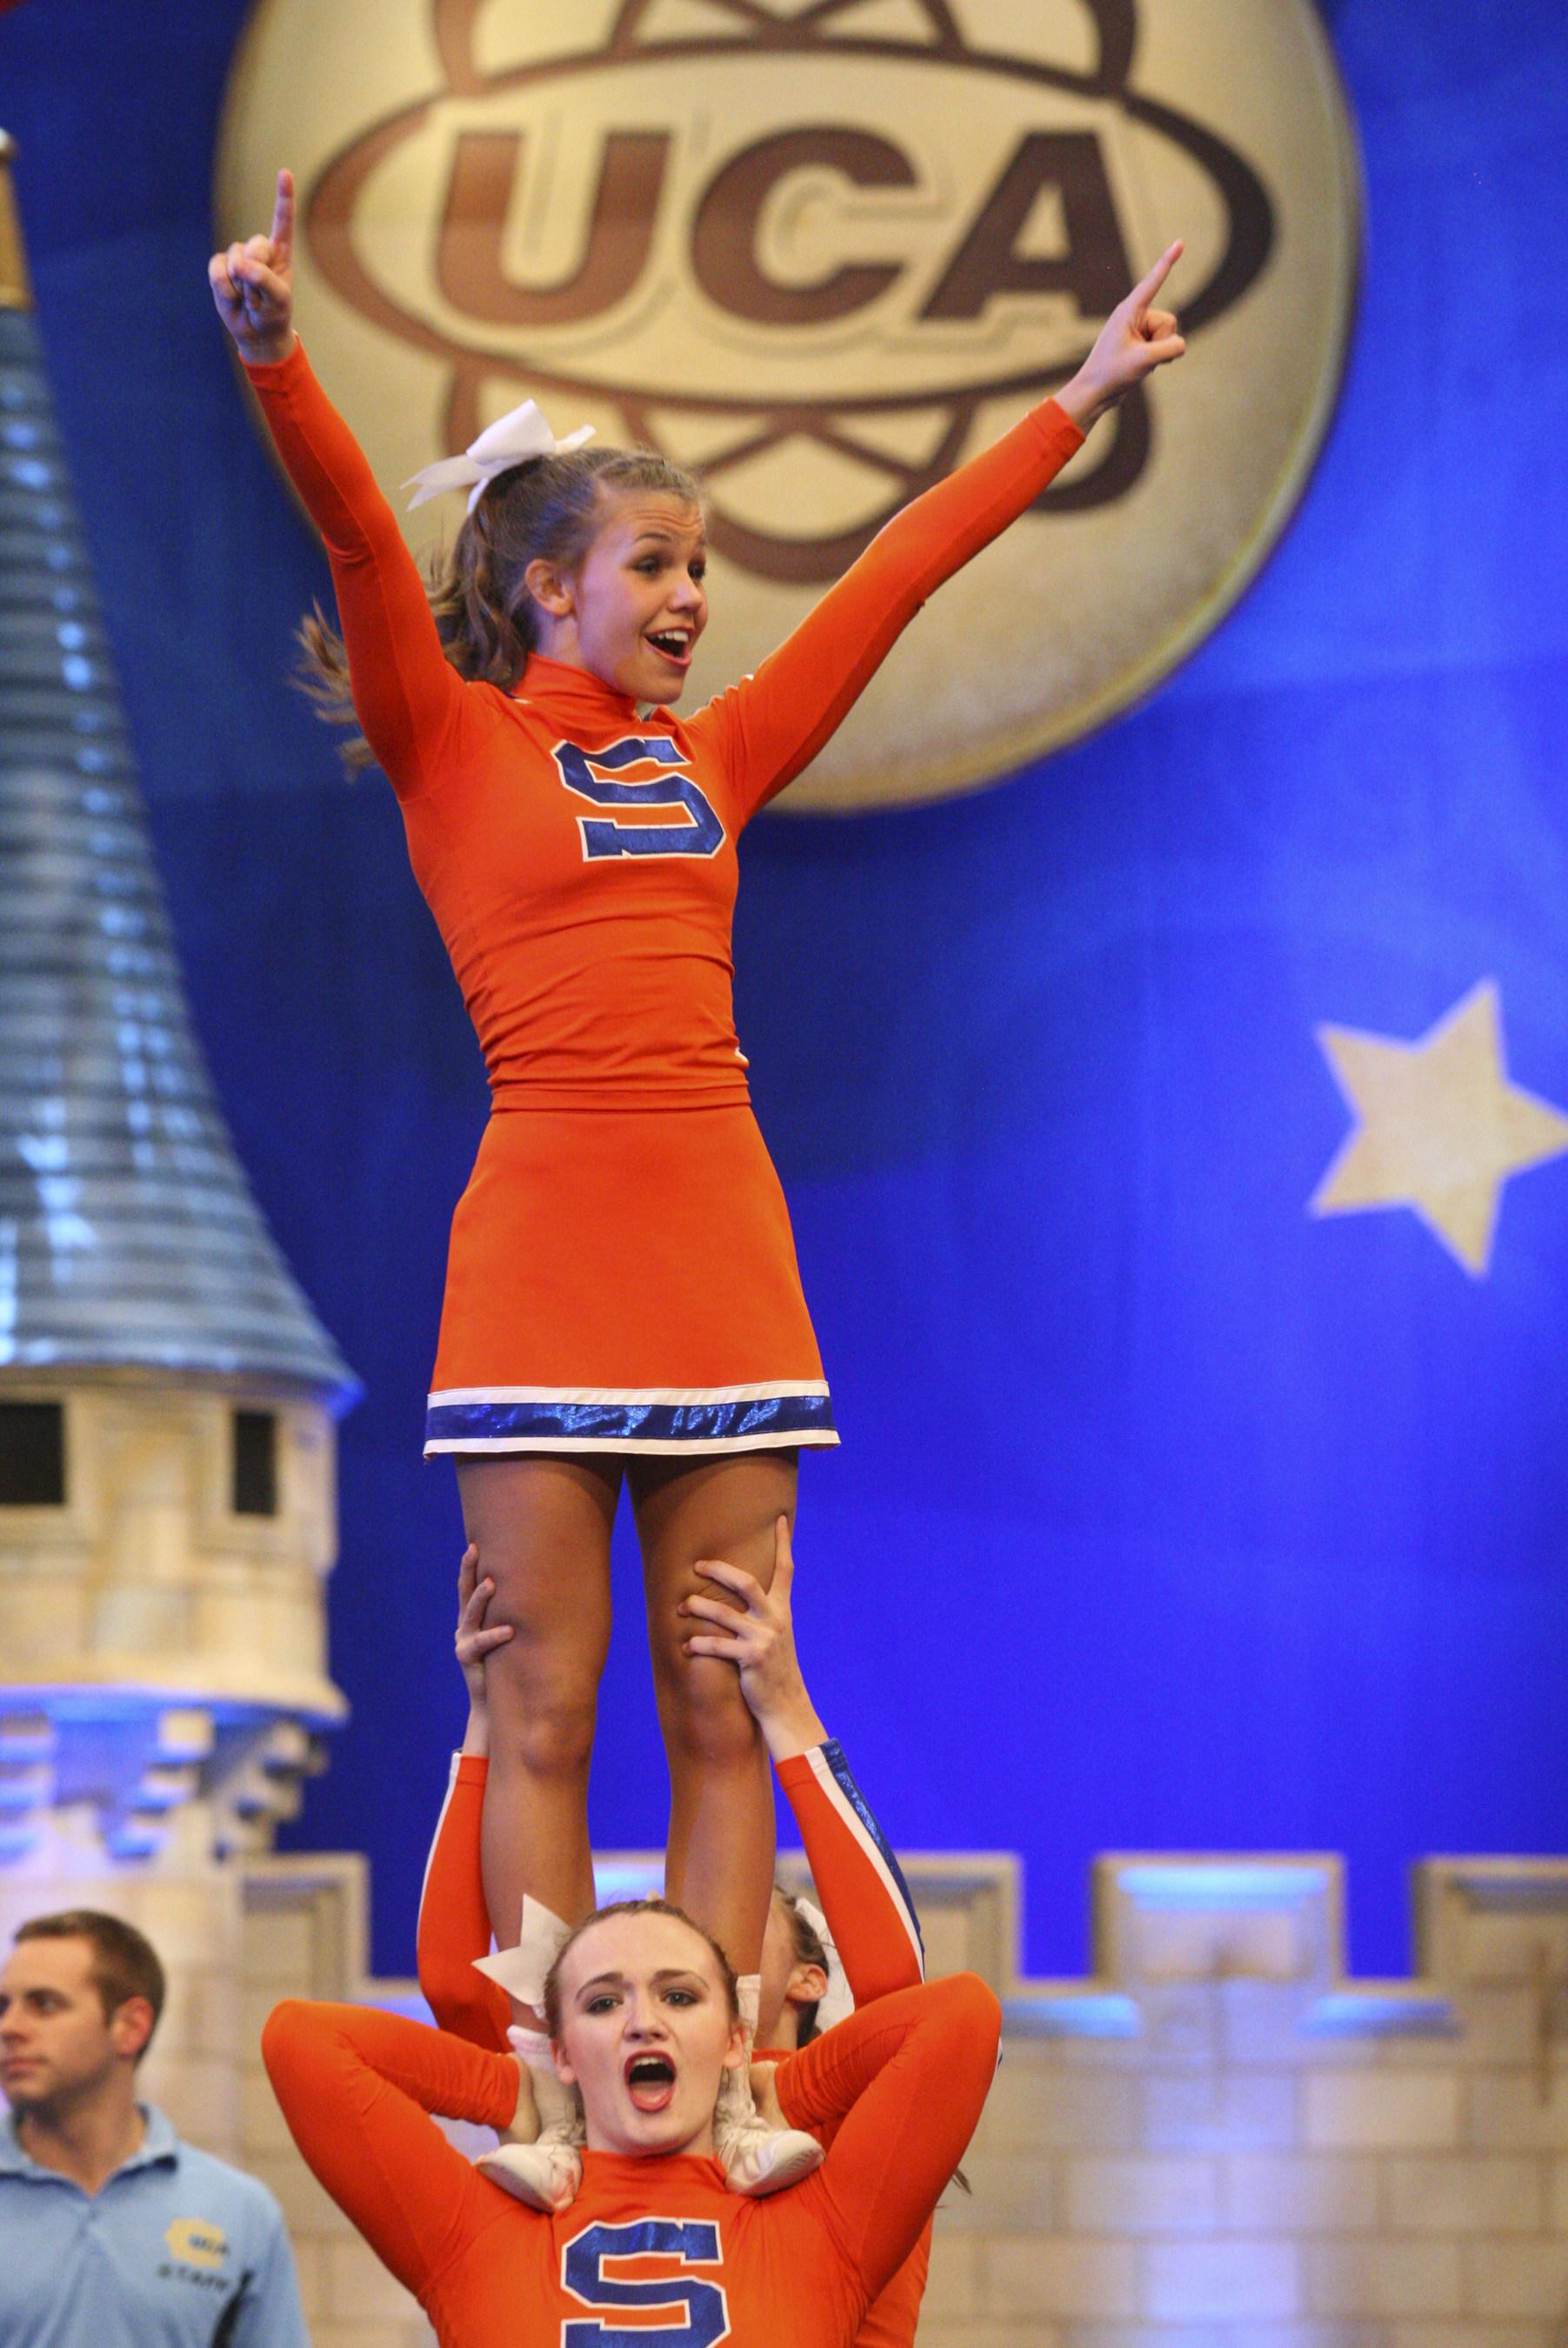 Varsity Spirit's 'American Cheerleader' Documentary Screening In U.S. Theaters Nov. 5 & 8